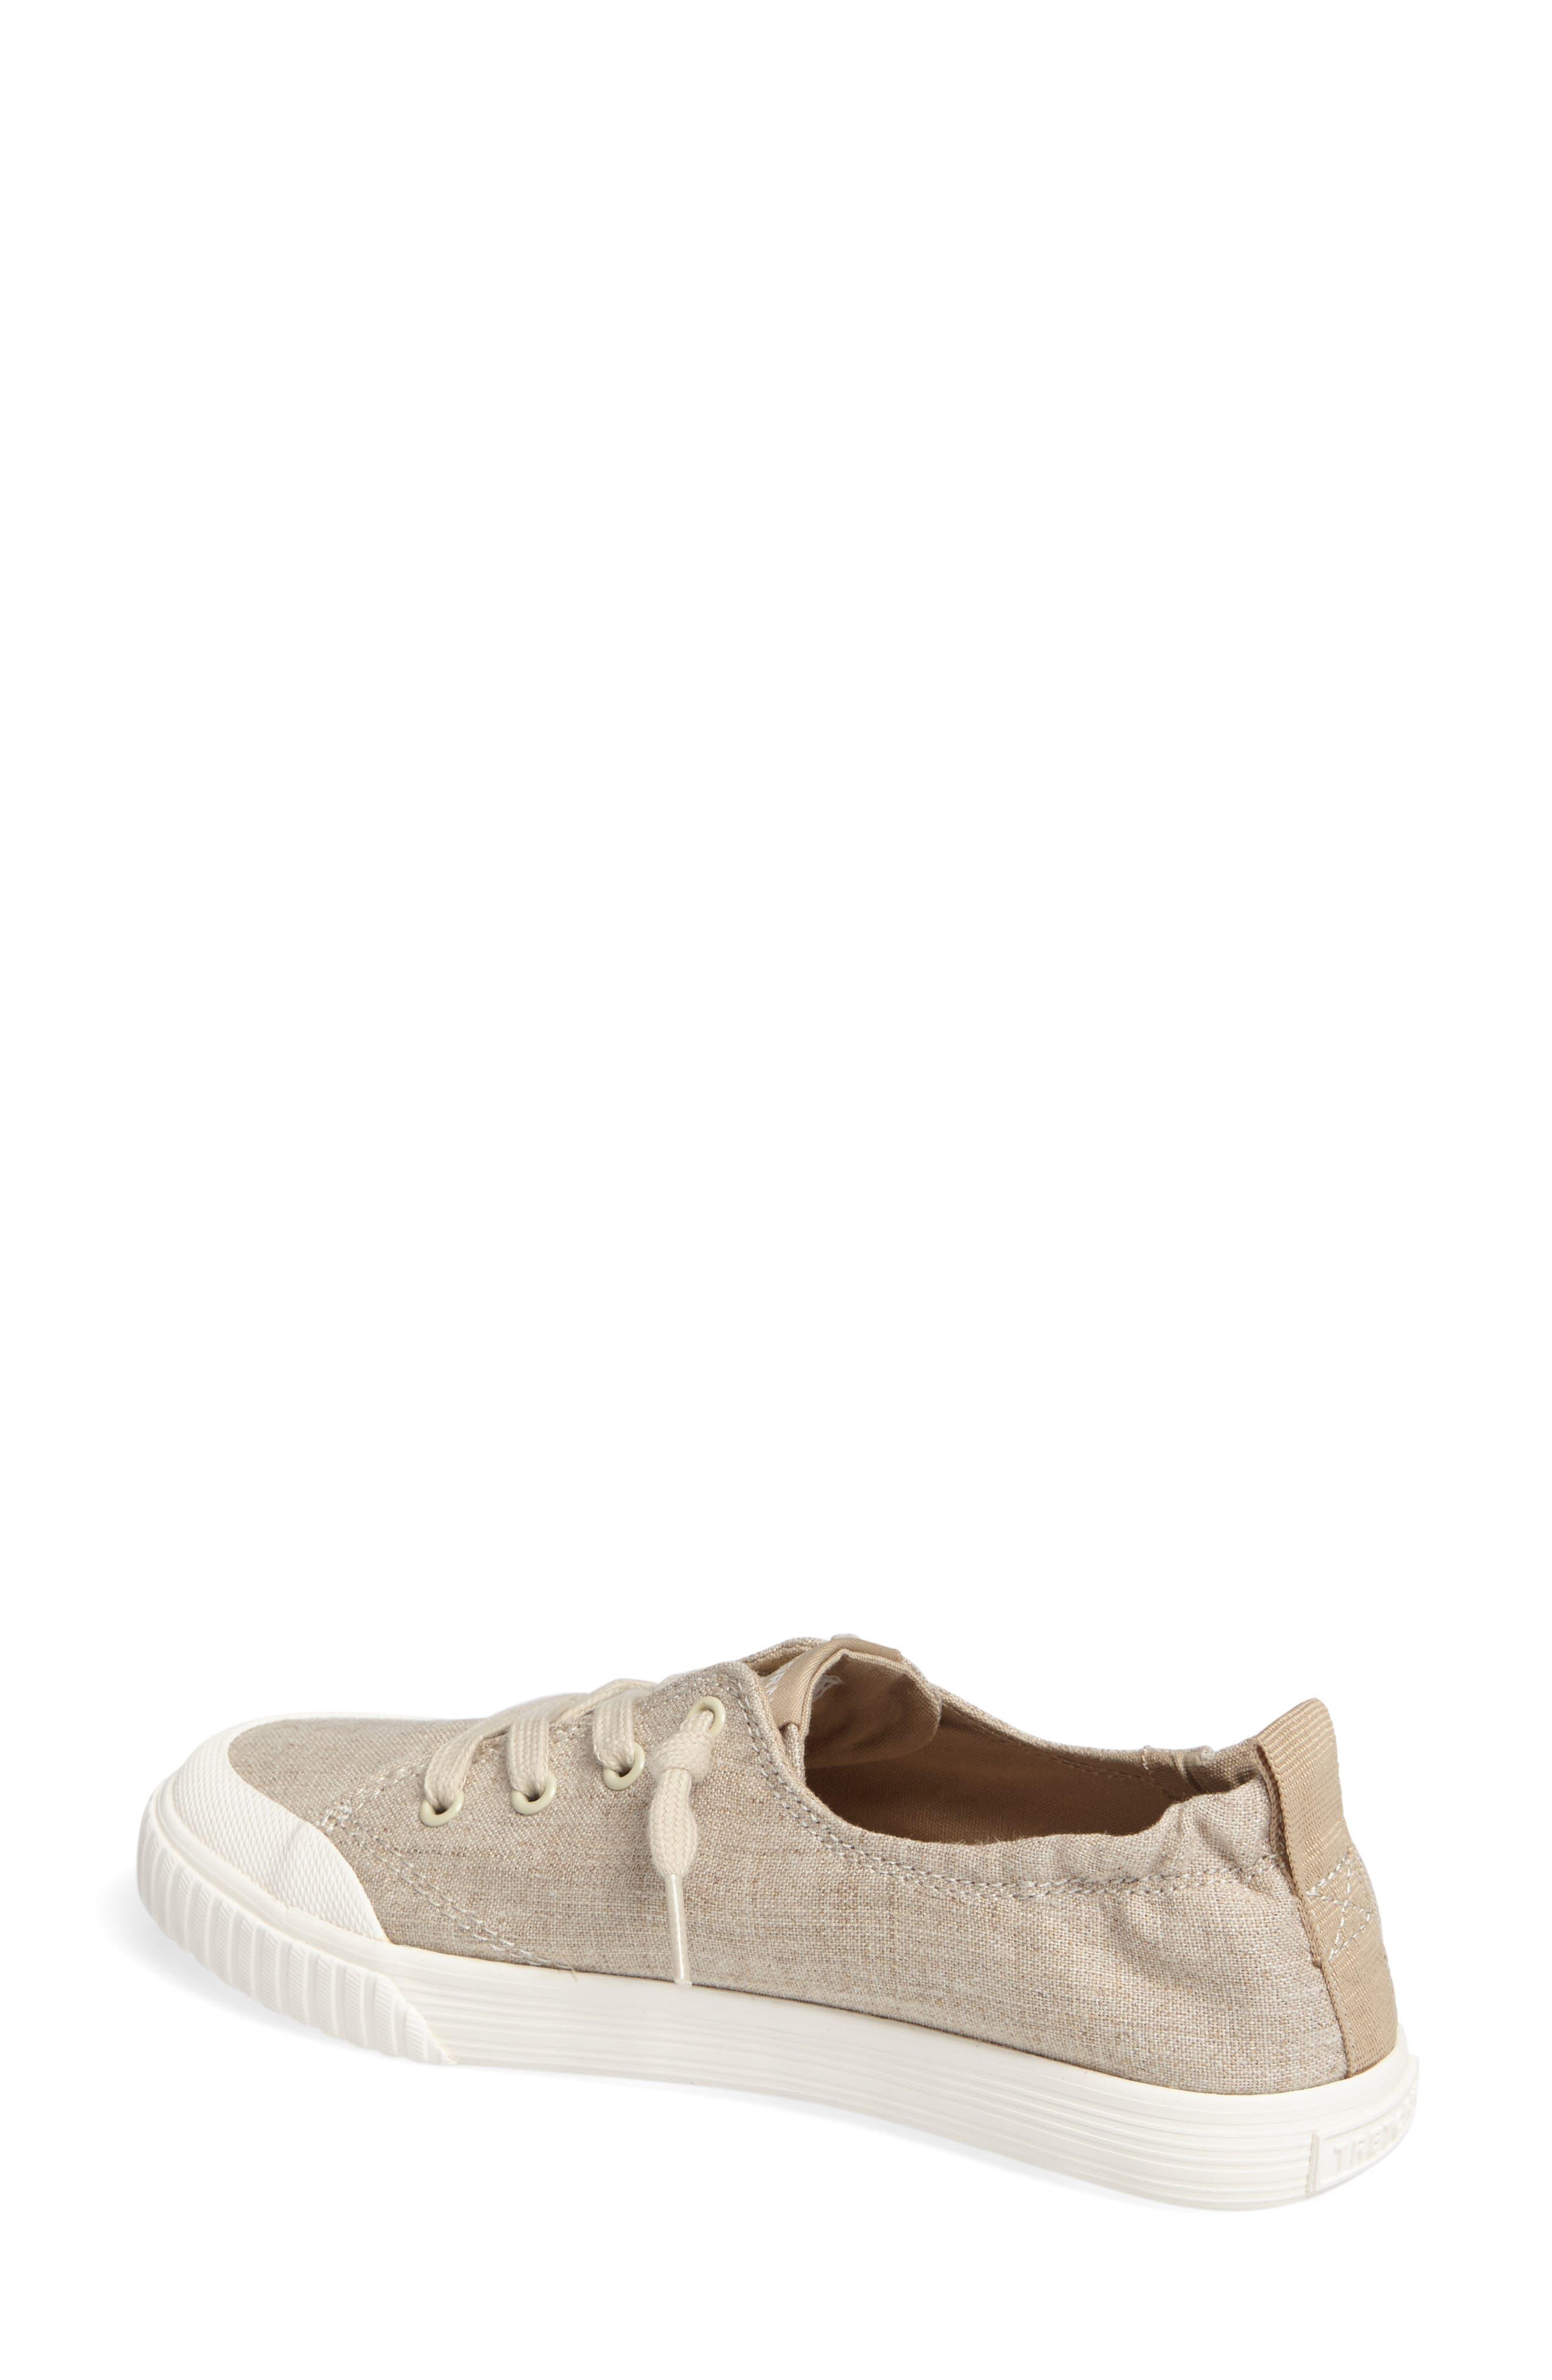 Alternate Image 2  - Tretorn Meg Slip-On Sneaker (Women)